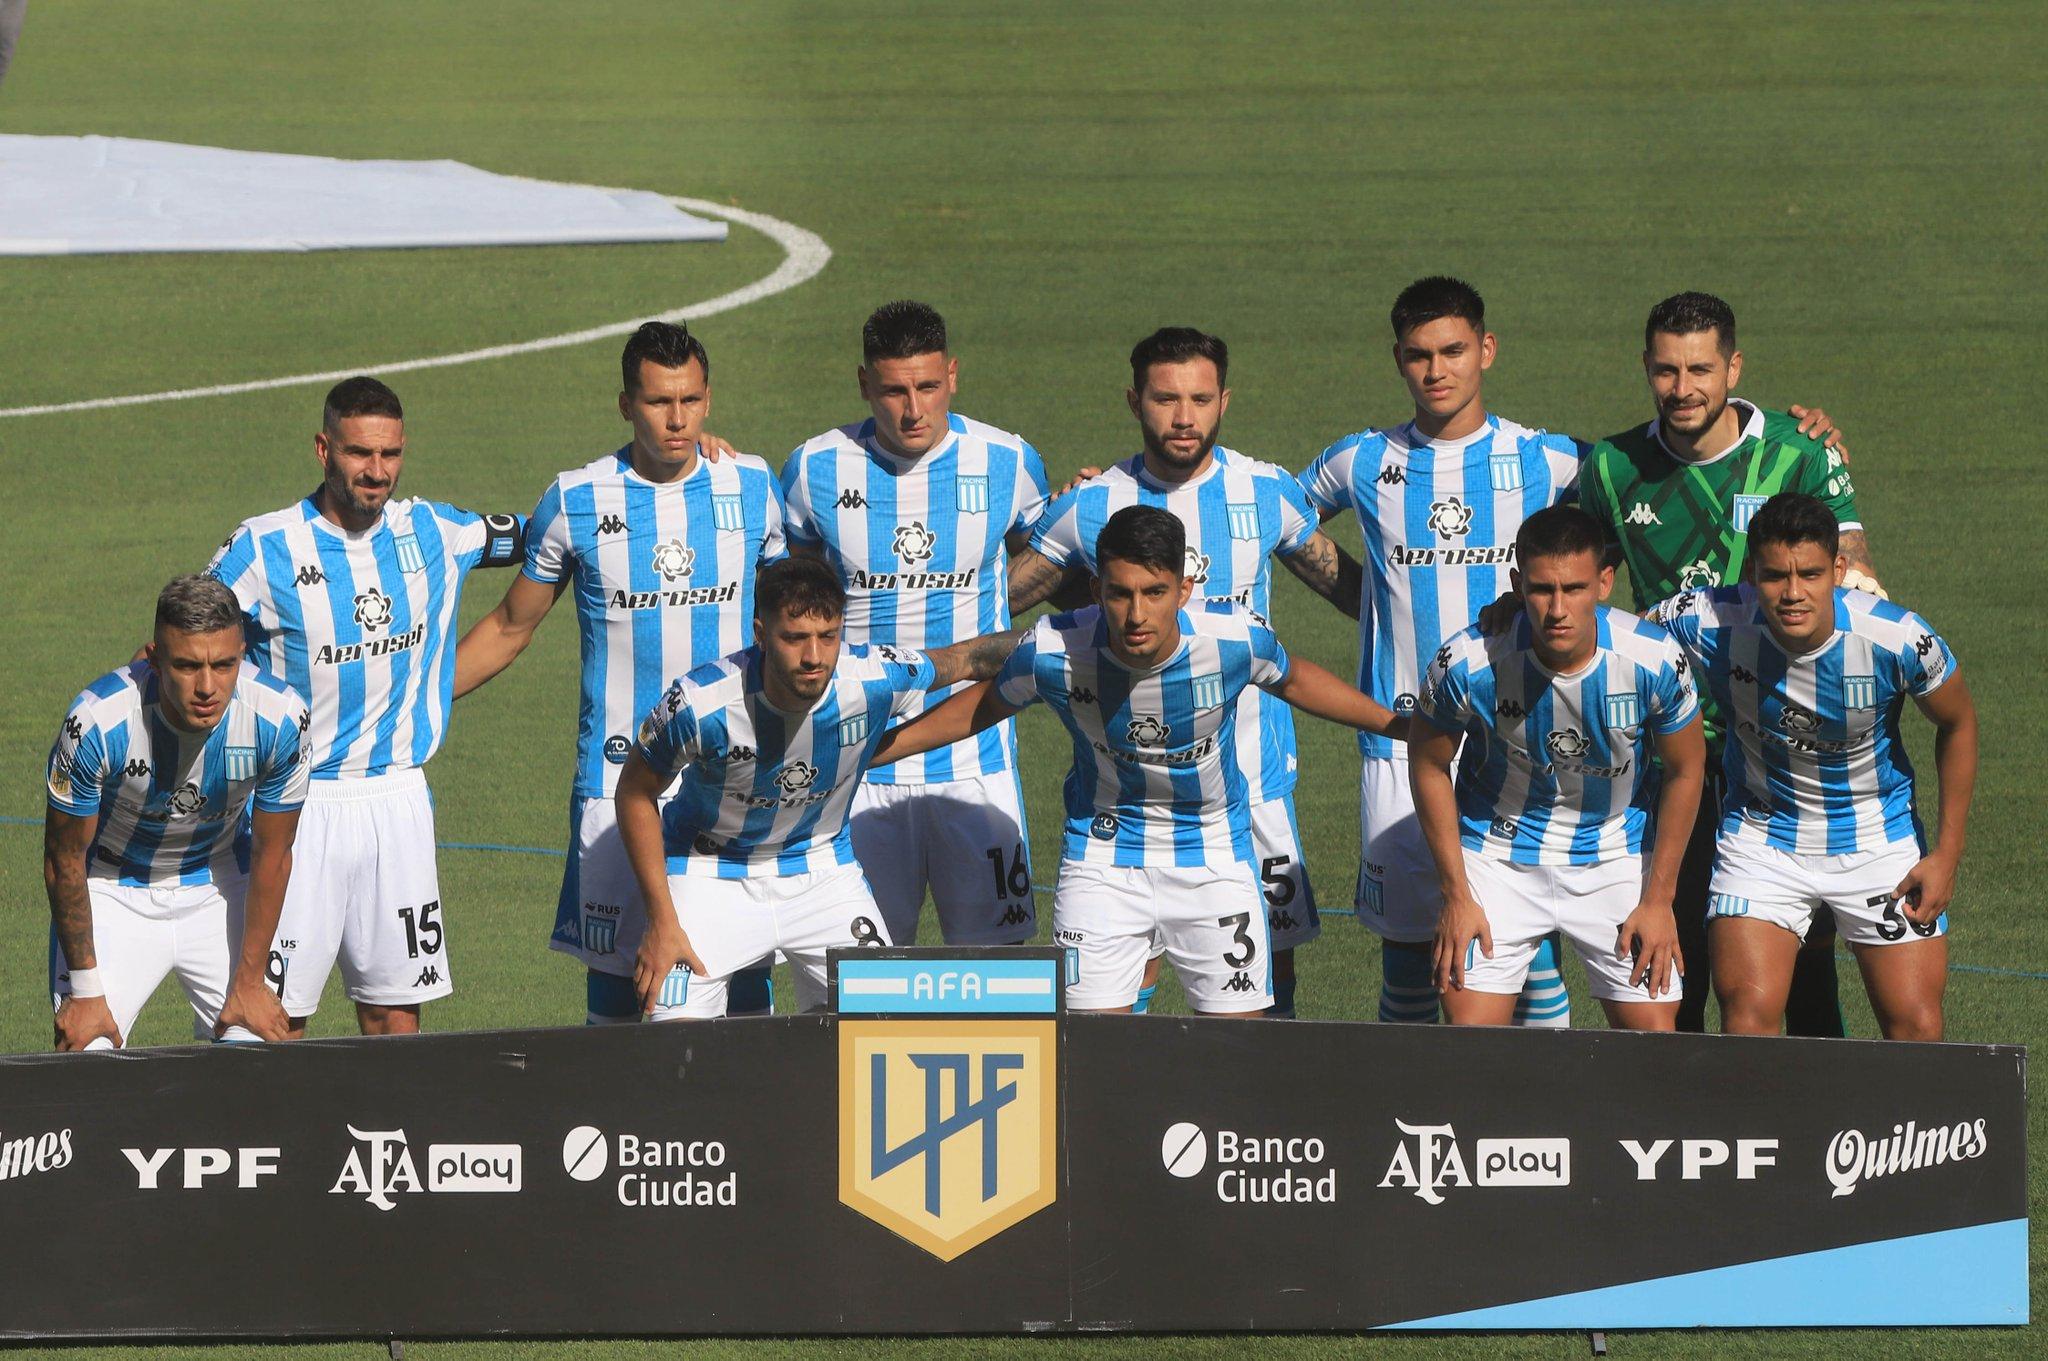 Uno x Uno: Los goles vinieron de Paraguay